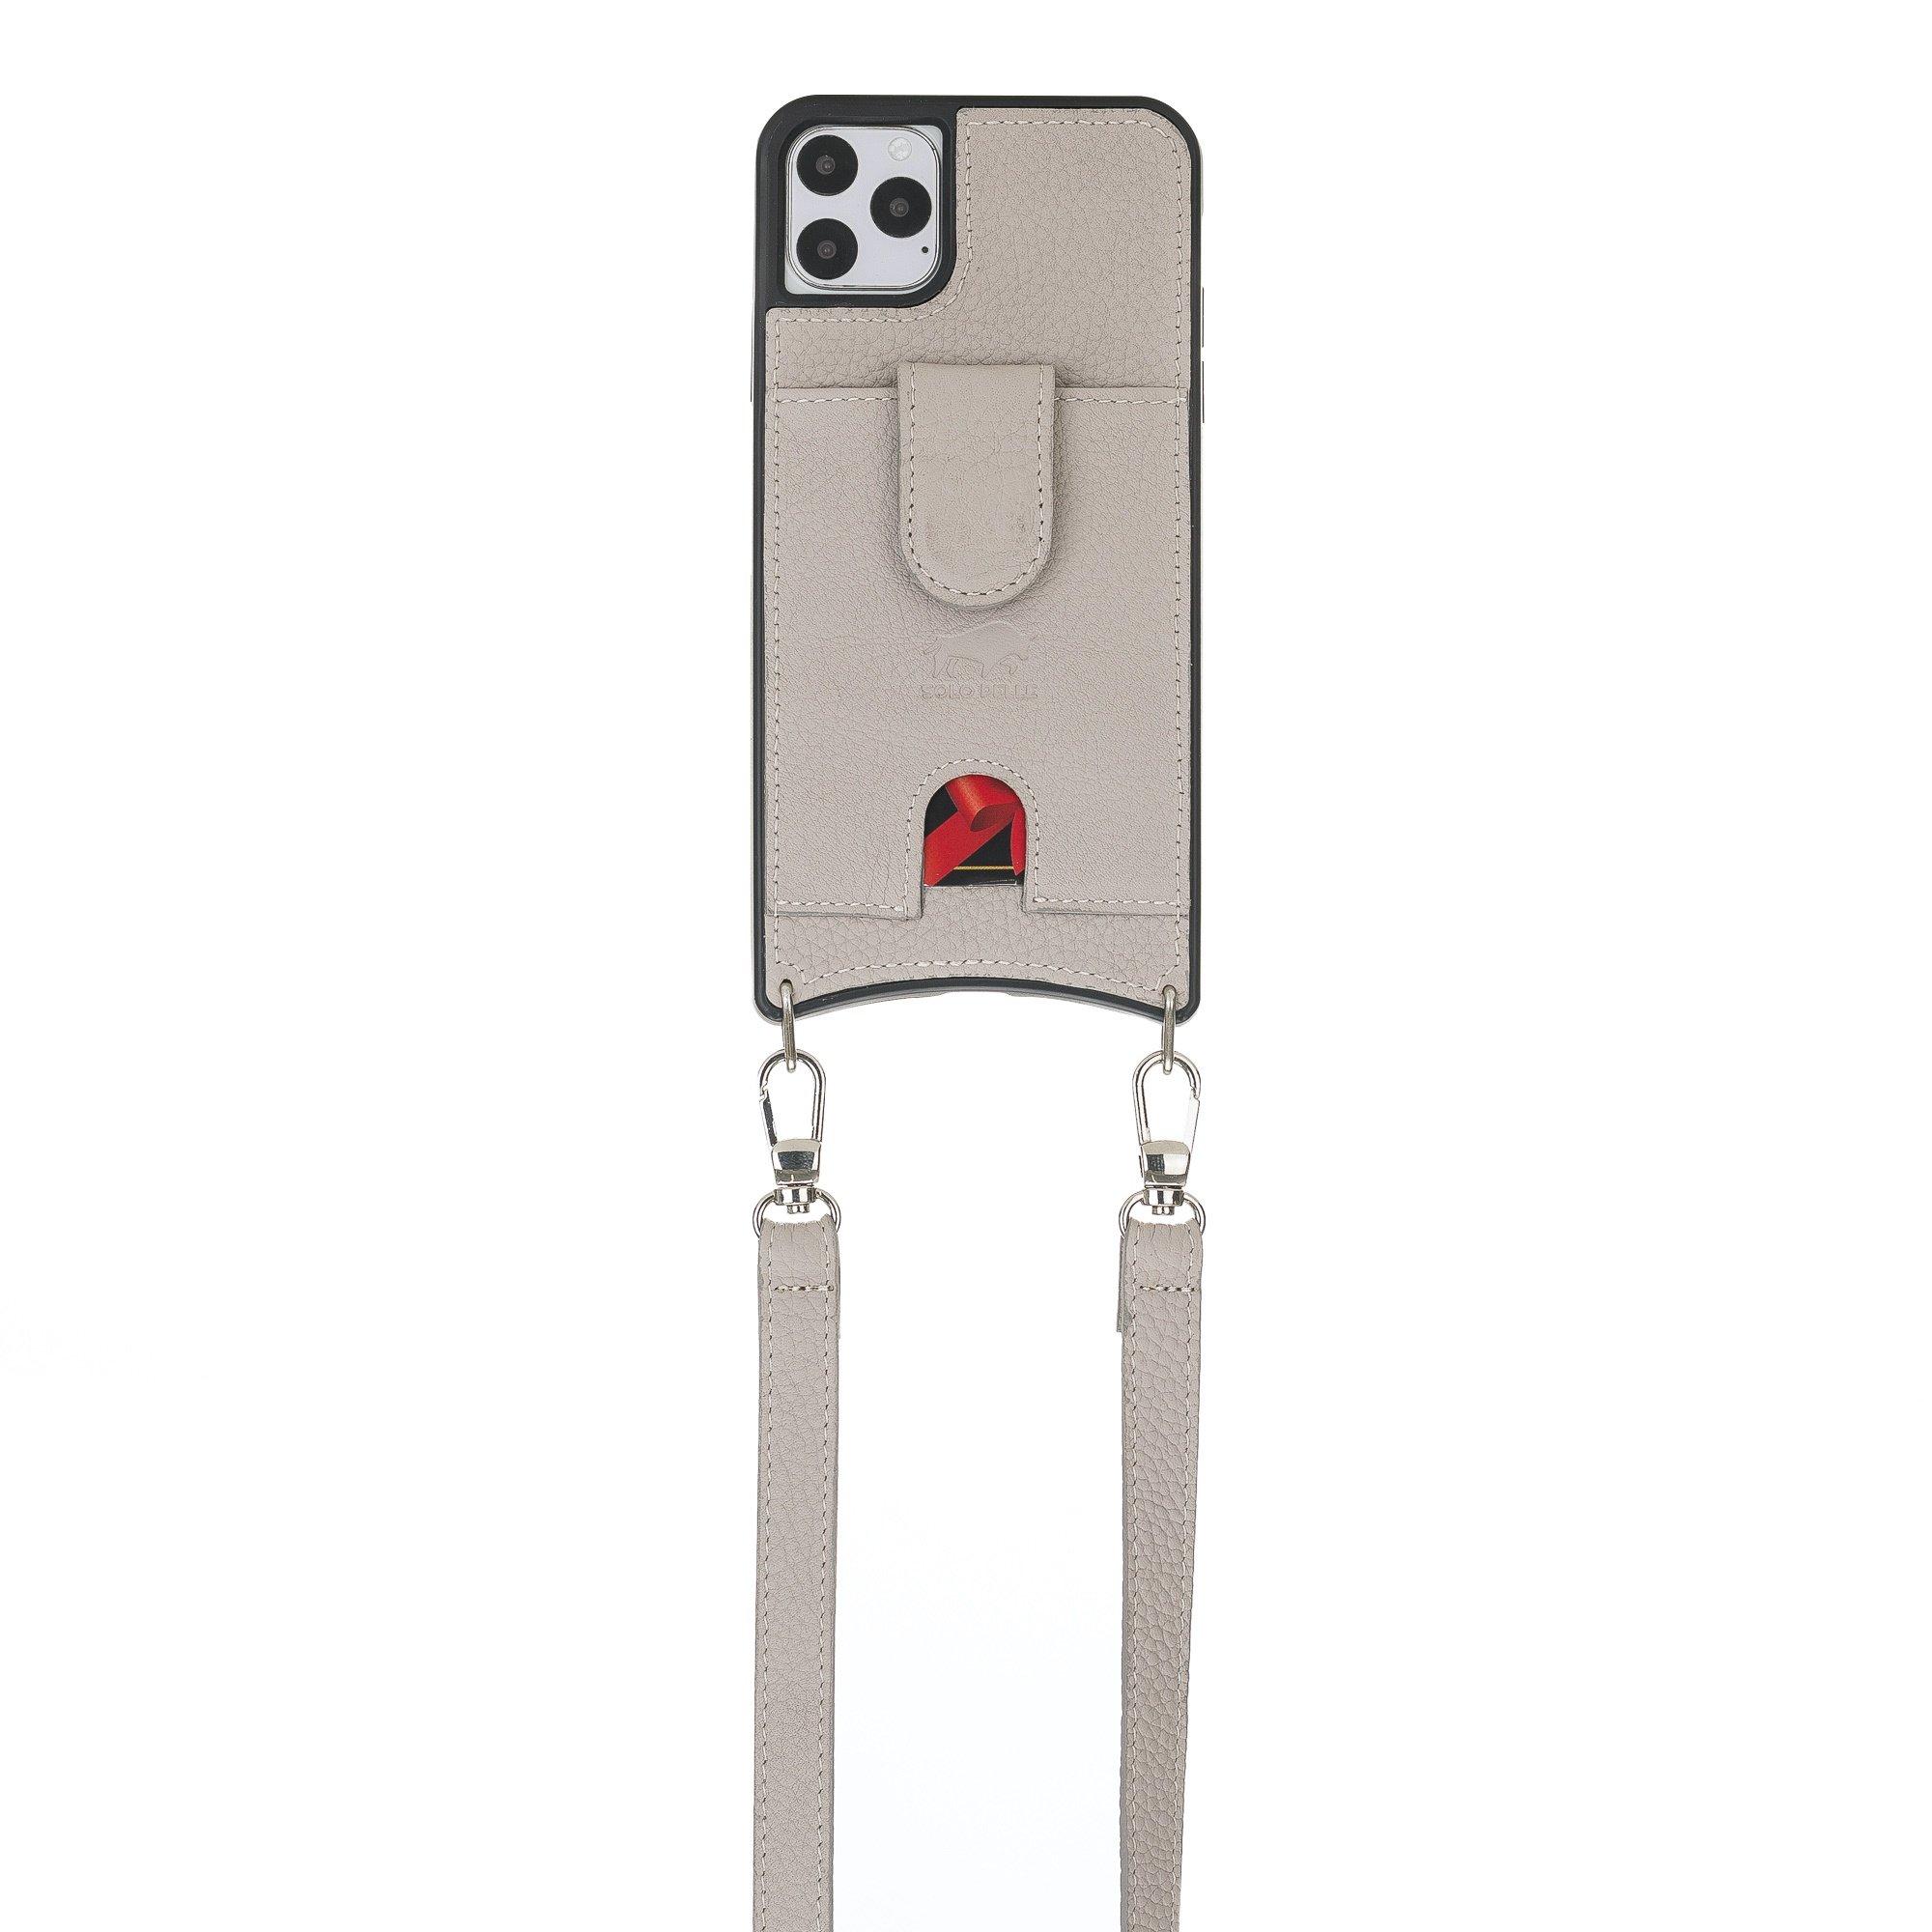 """Lederhülle """"Necklace"""" für das iPhone 11 Pro in 5.8 Zoll in Taupe (inkl.Umhängeriemen)"""